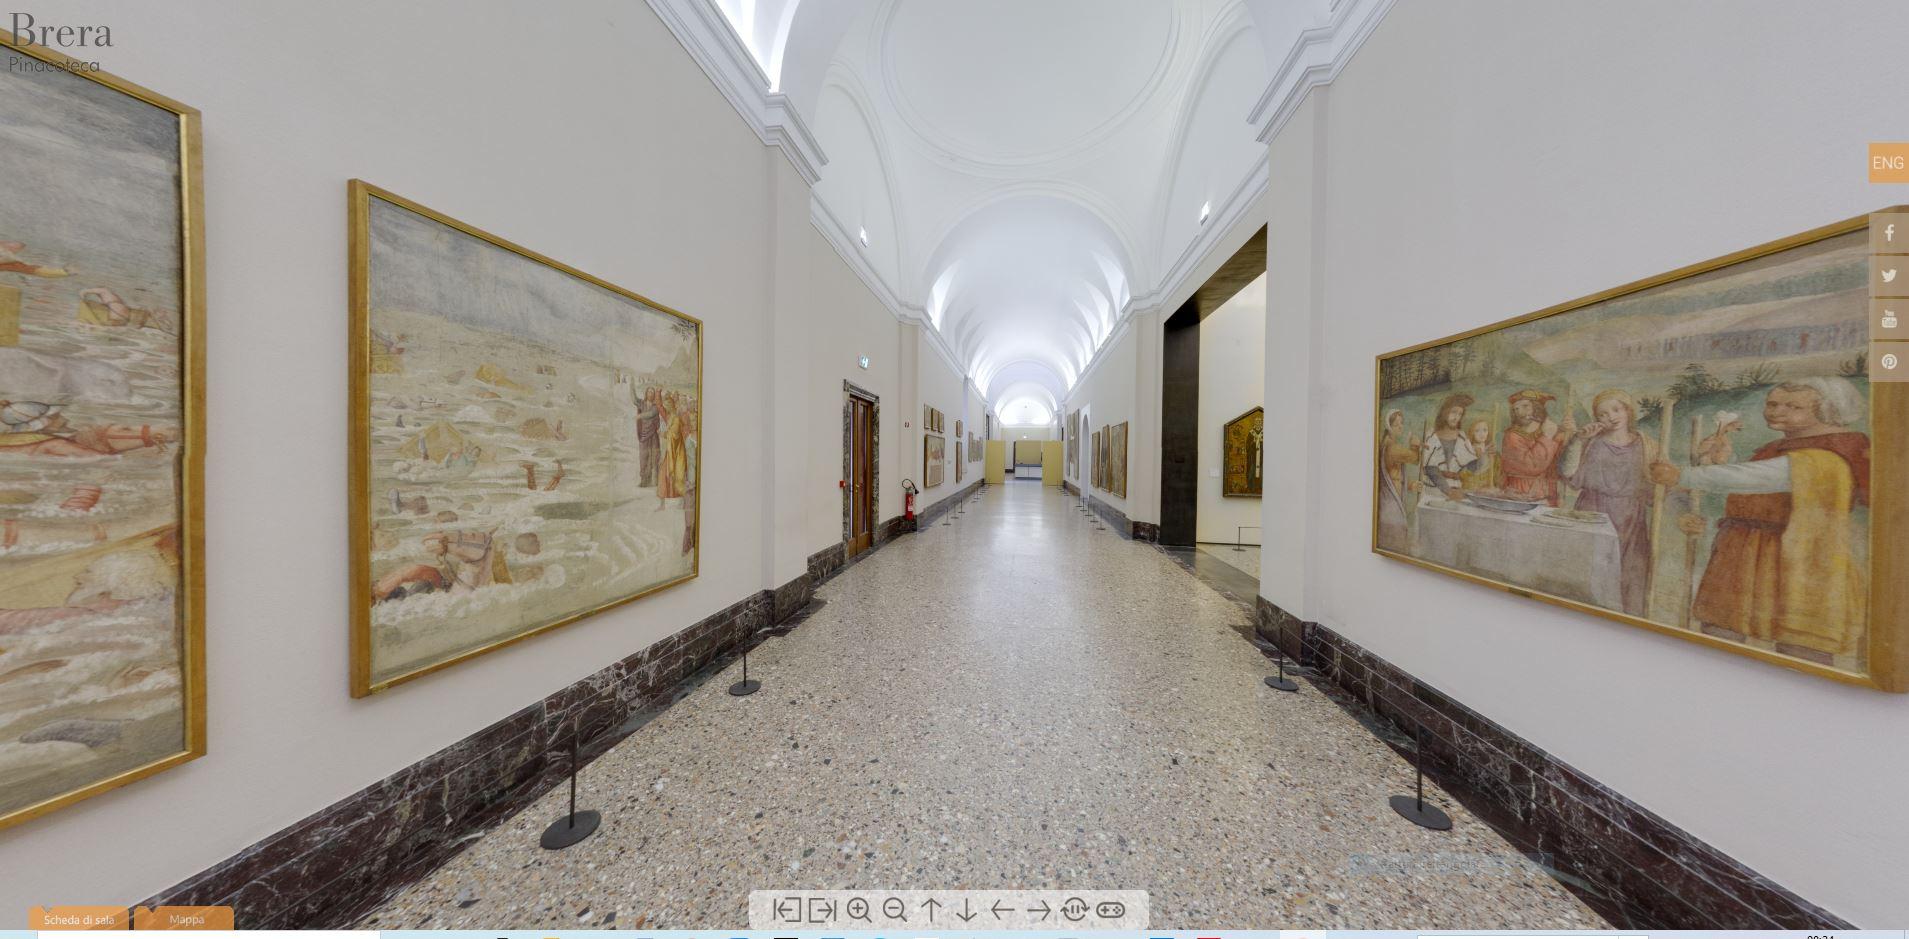 pinacoteca di BreraJPG